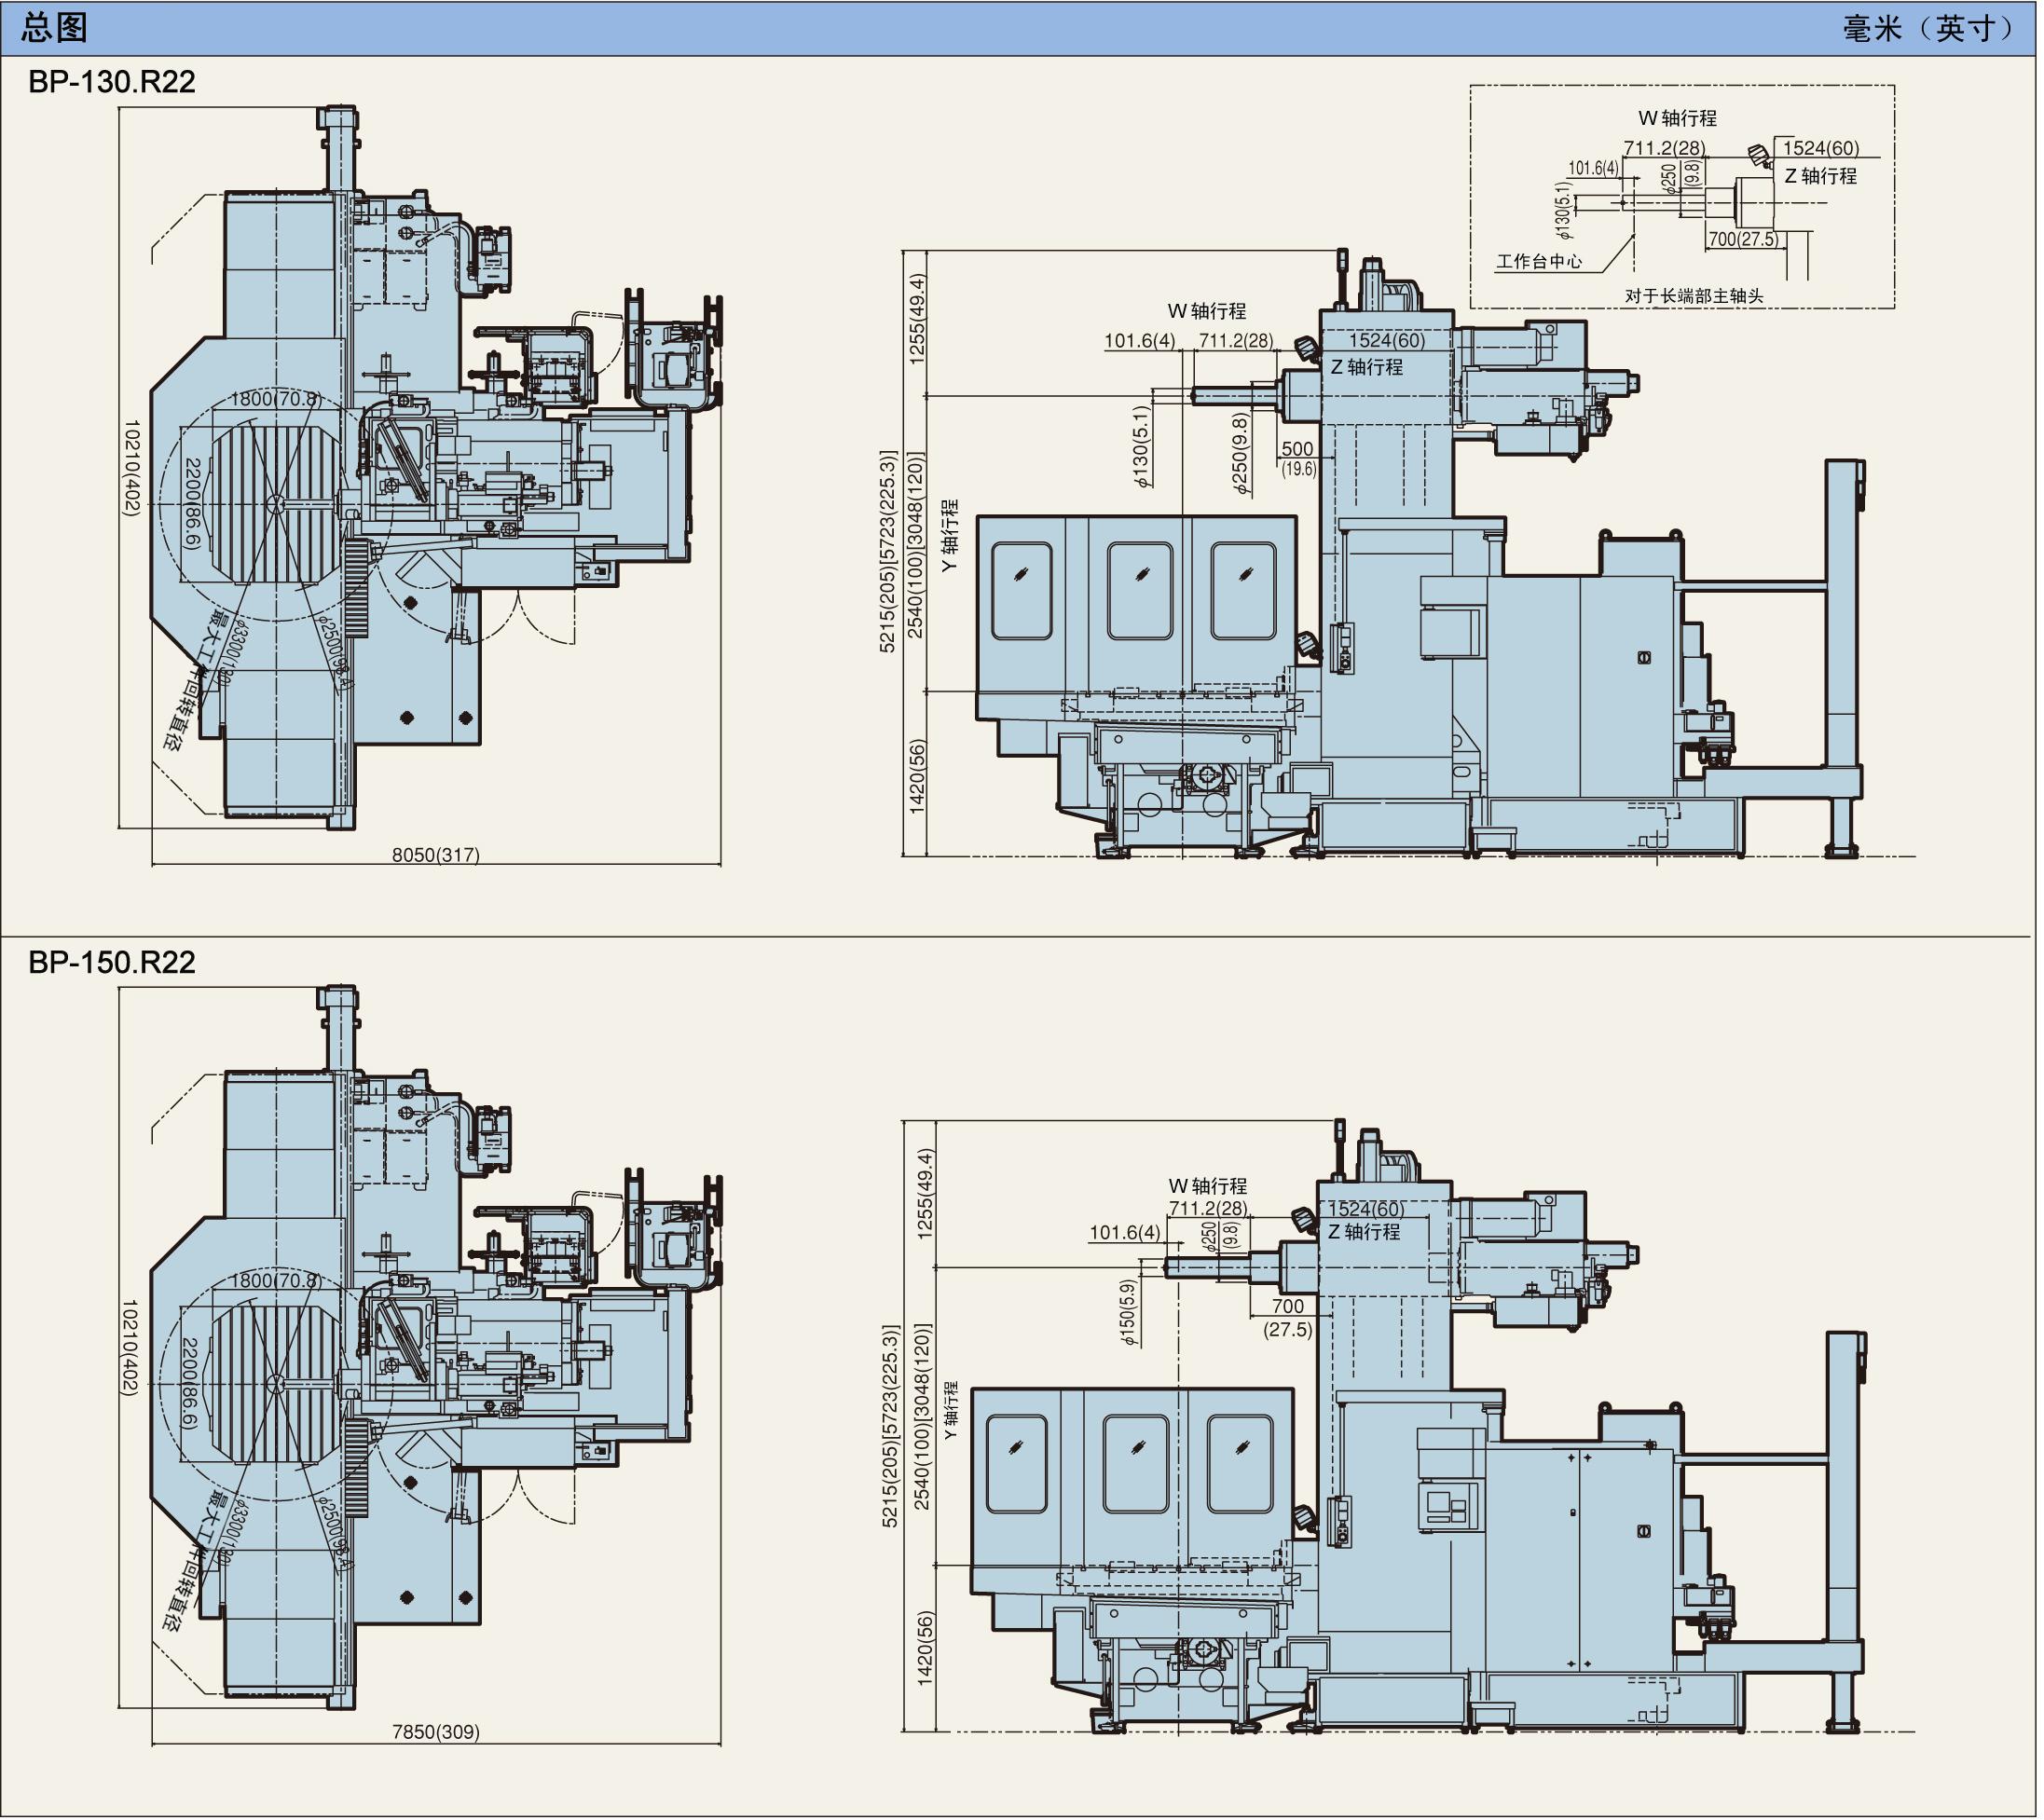 机床图纸和布局 (jpg/1.1mb)